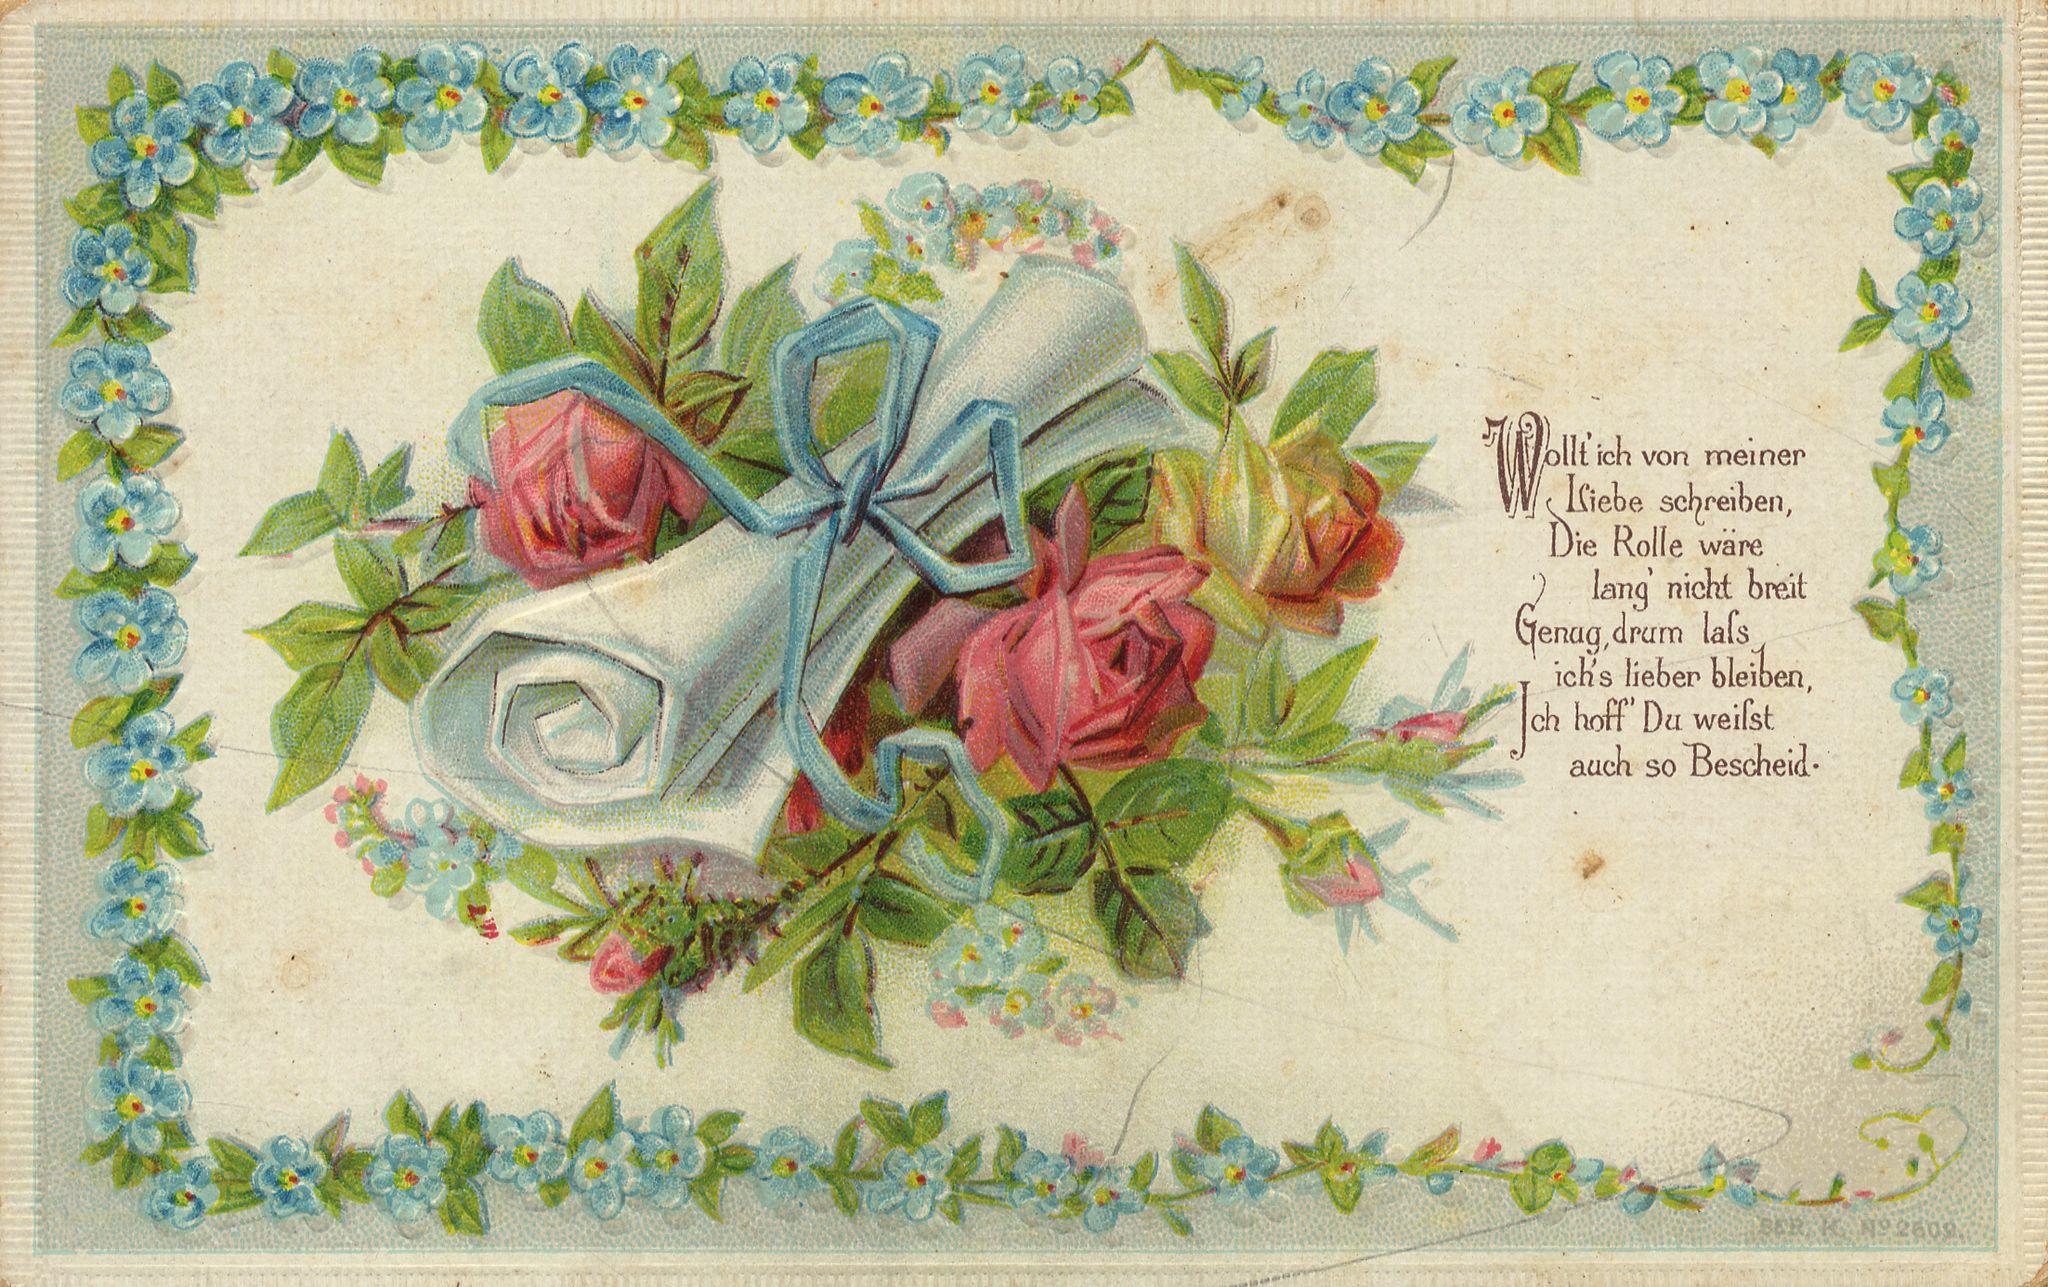 менее, пожелания в день рождение на старинных открытках опасны первые недели